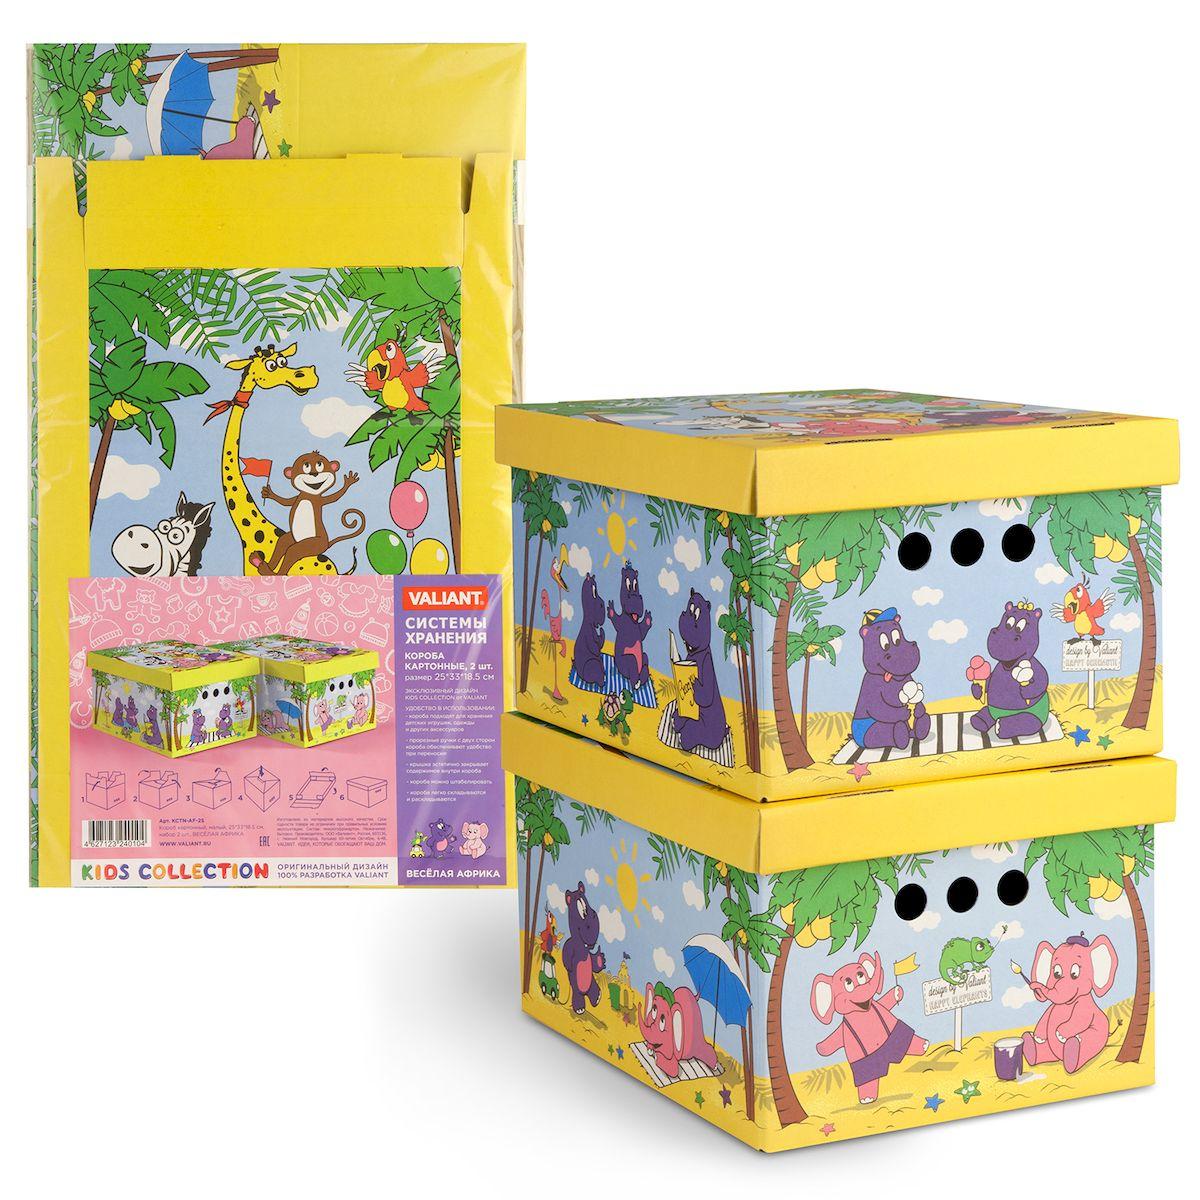 Коробка для хранения Valiant Веселая Африка, складная, 25 х 33 х 18,5 см, 2 штKCTN-AF-2SЛегкие и прочные коробки Valiant Веселая Африка, выполненные из картона, оформлены красочным изображением зверей и птиц. В комплект входят две коробки. Благодаря прорезным ручкам с двух сторон коробки удобно поднимать и переносить. Изделия оснащены крышками. Коробки являются самосборными, на упаковке имеется инструкция по сборке. Благодаря вместительности коробок вы сможете сэкономить место в вашем доме, и все вещи всегда будут в порядке.